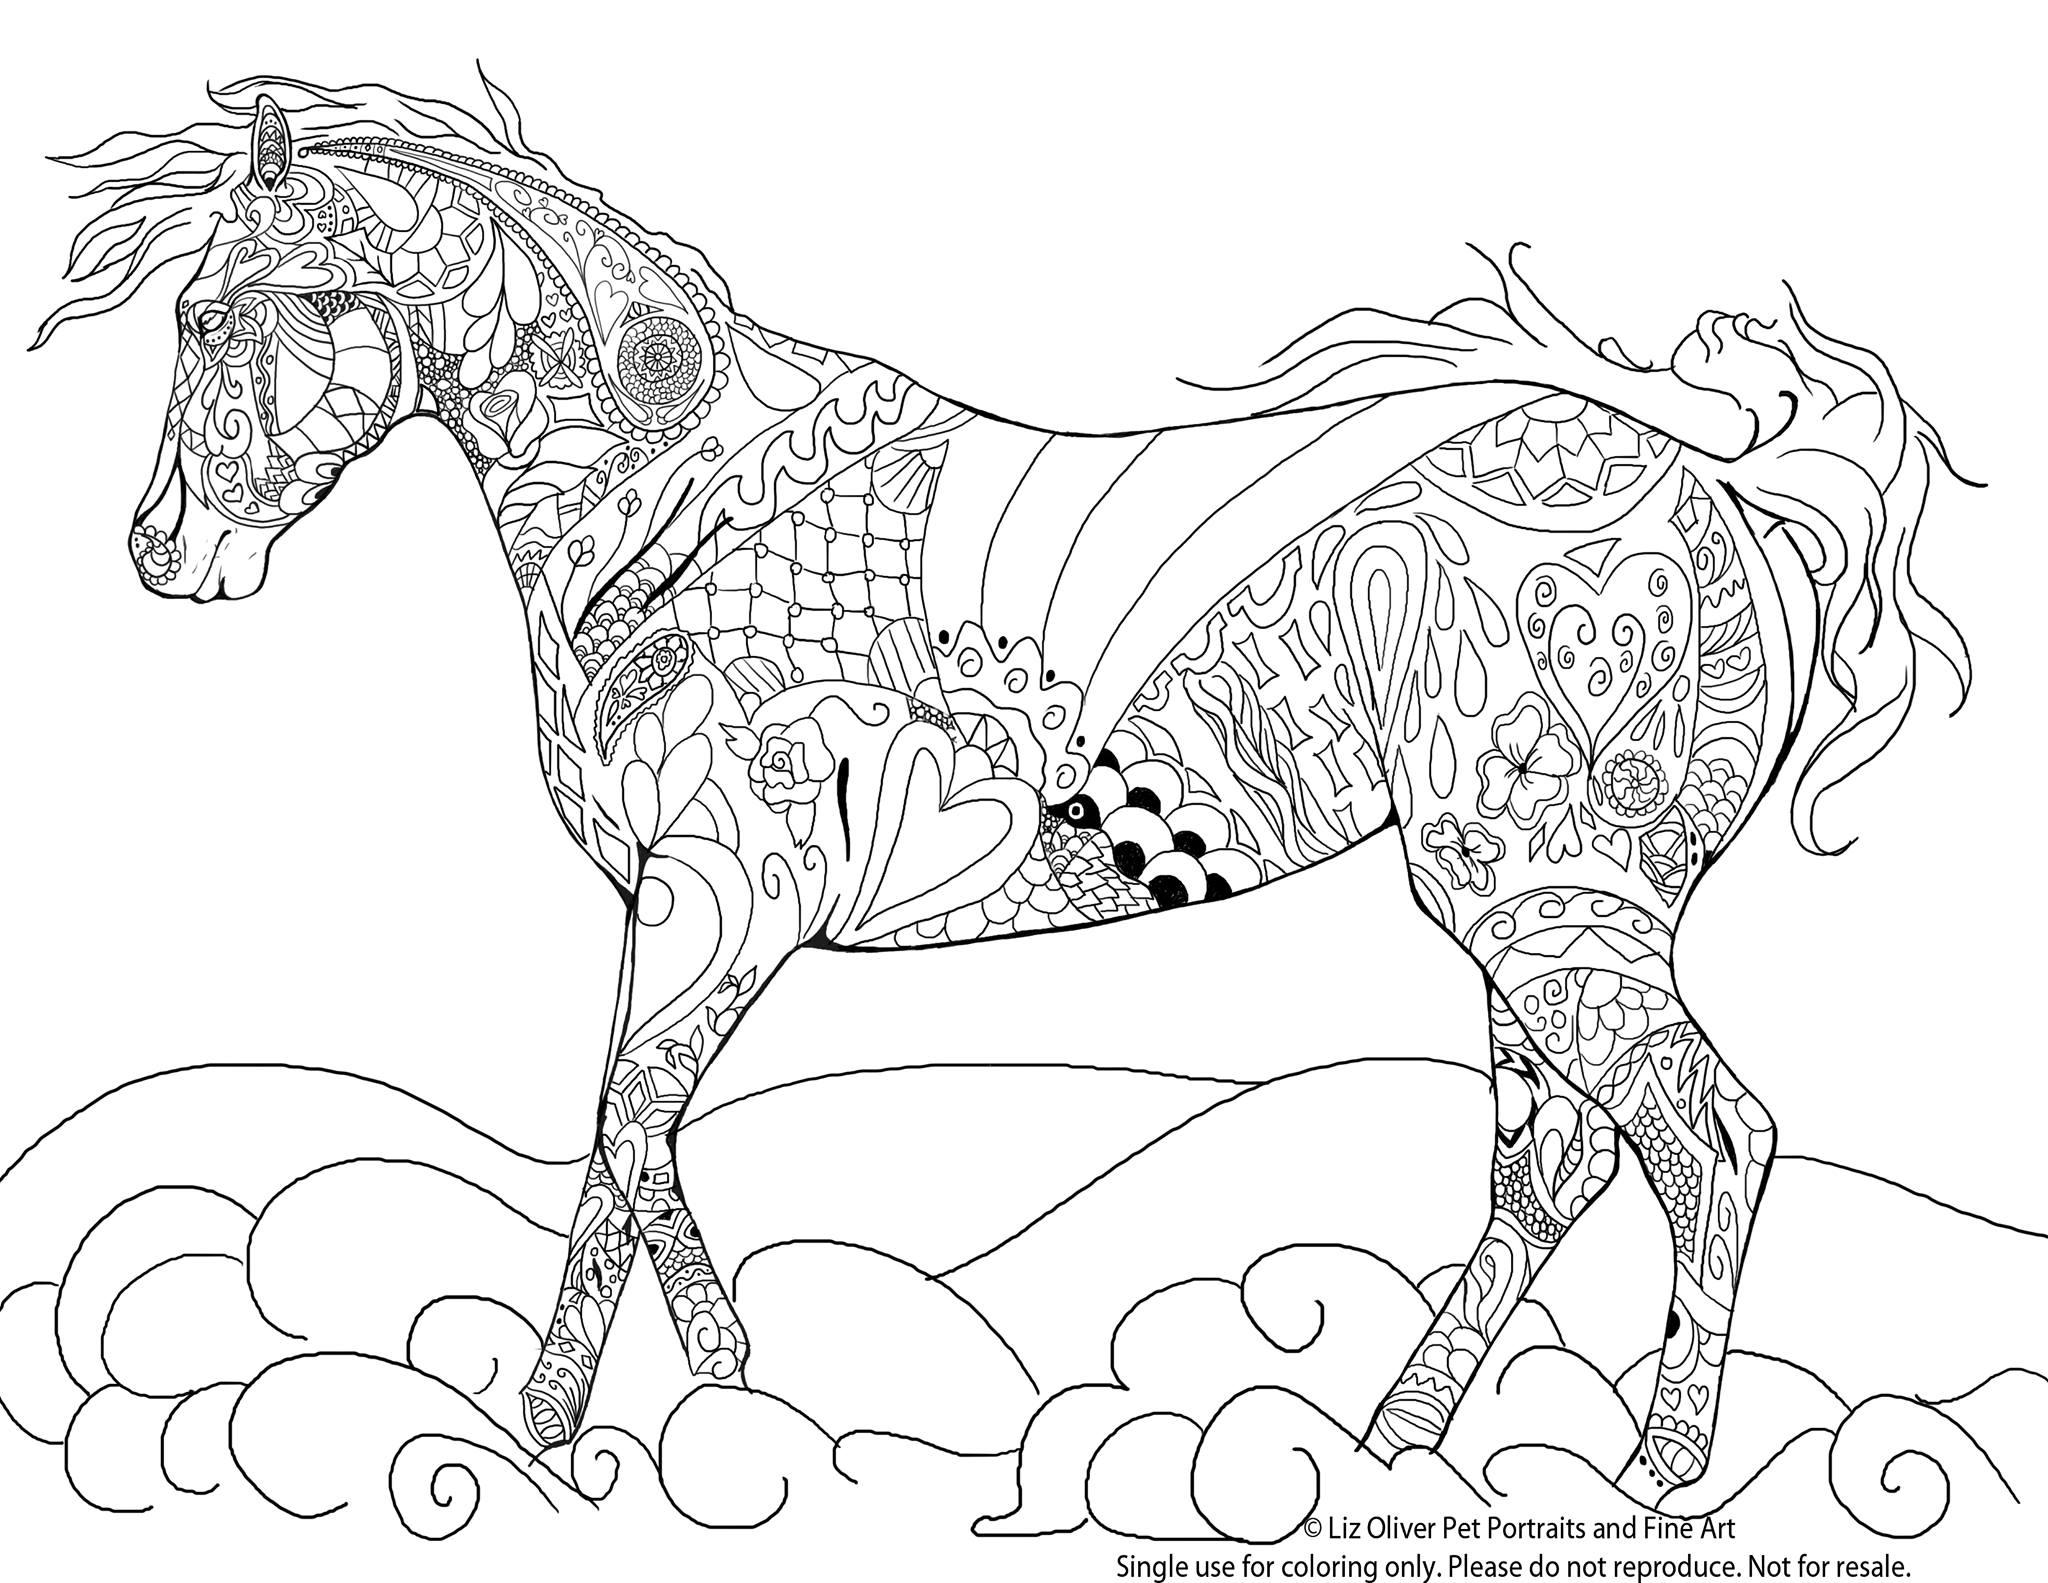 Meilleur de photos de chevaux sauvages gratuites a - Coloriage cheval sauvage ...